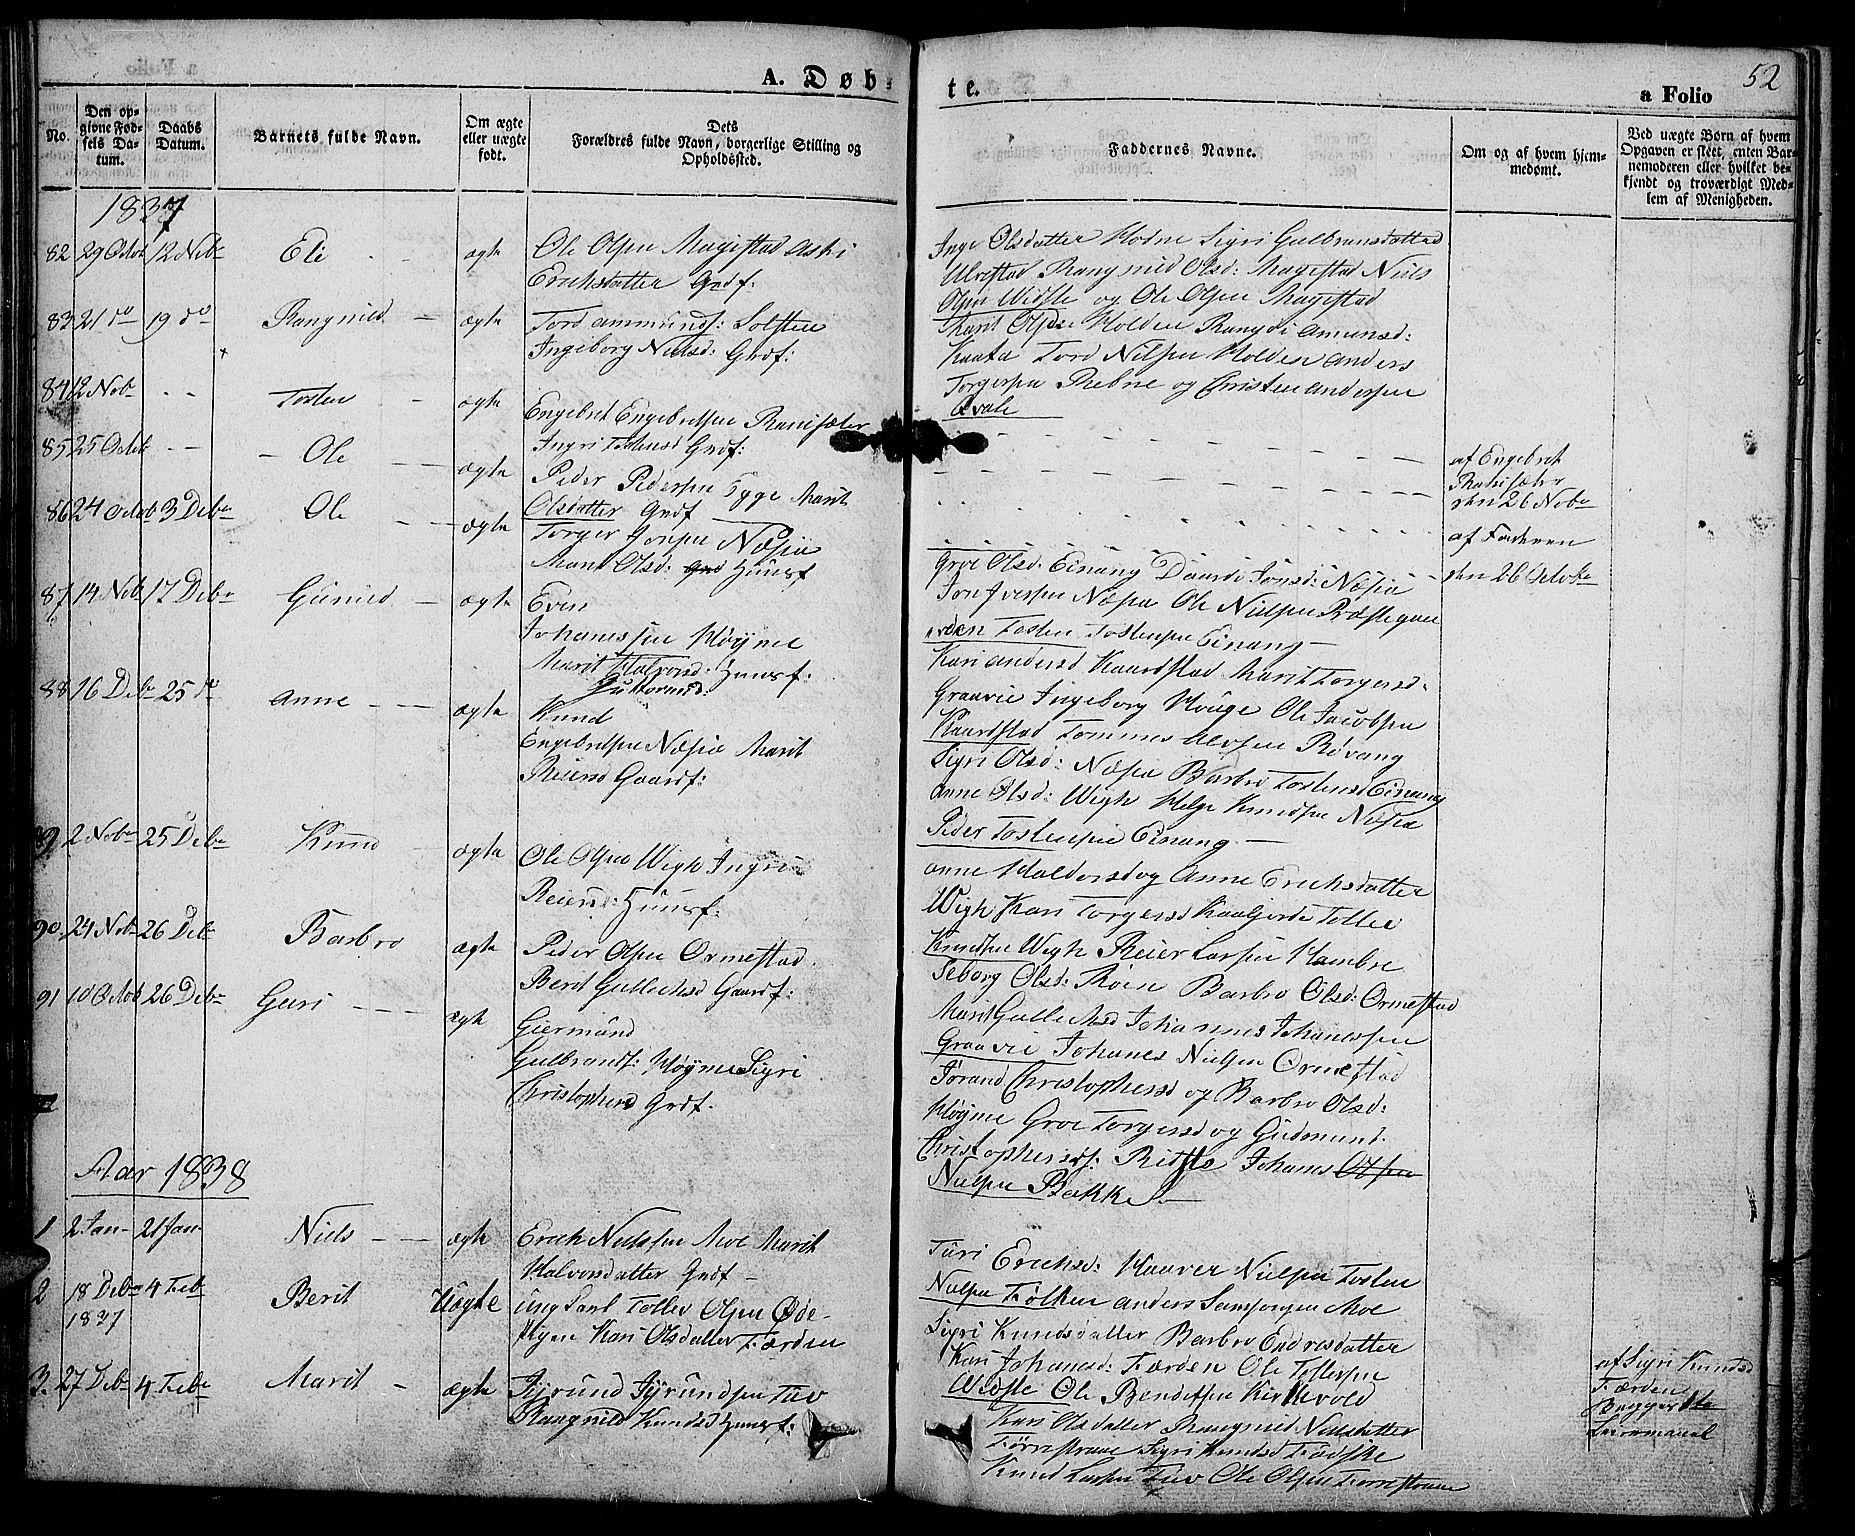 SAH, Slidre prestekontor, Ministerialbok nr. 3, 1831-1843, s. 52